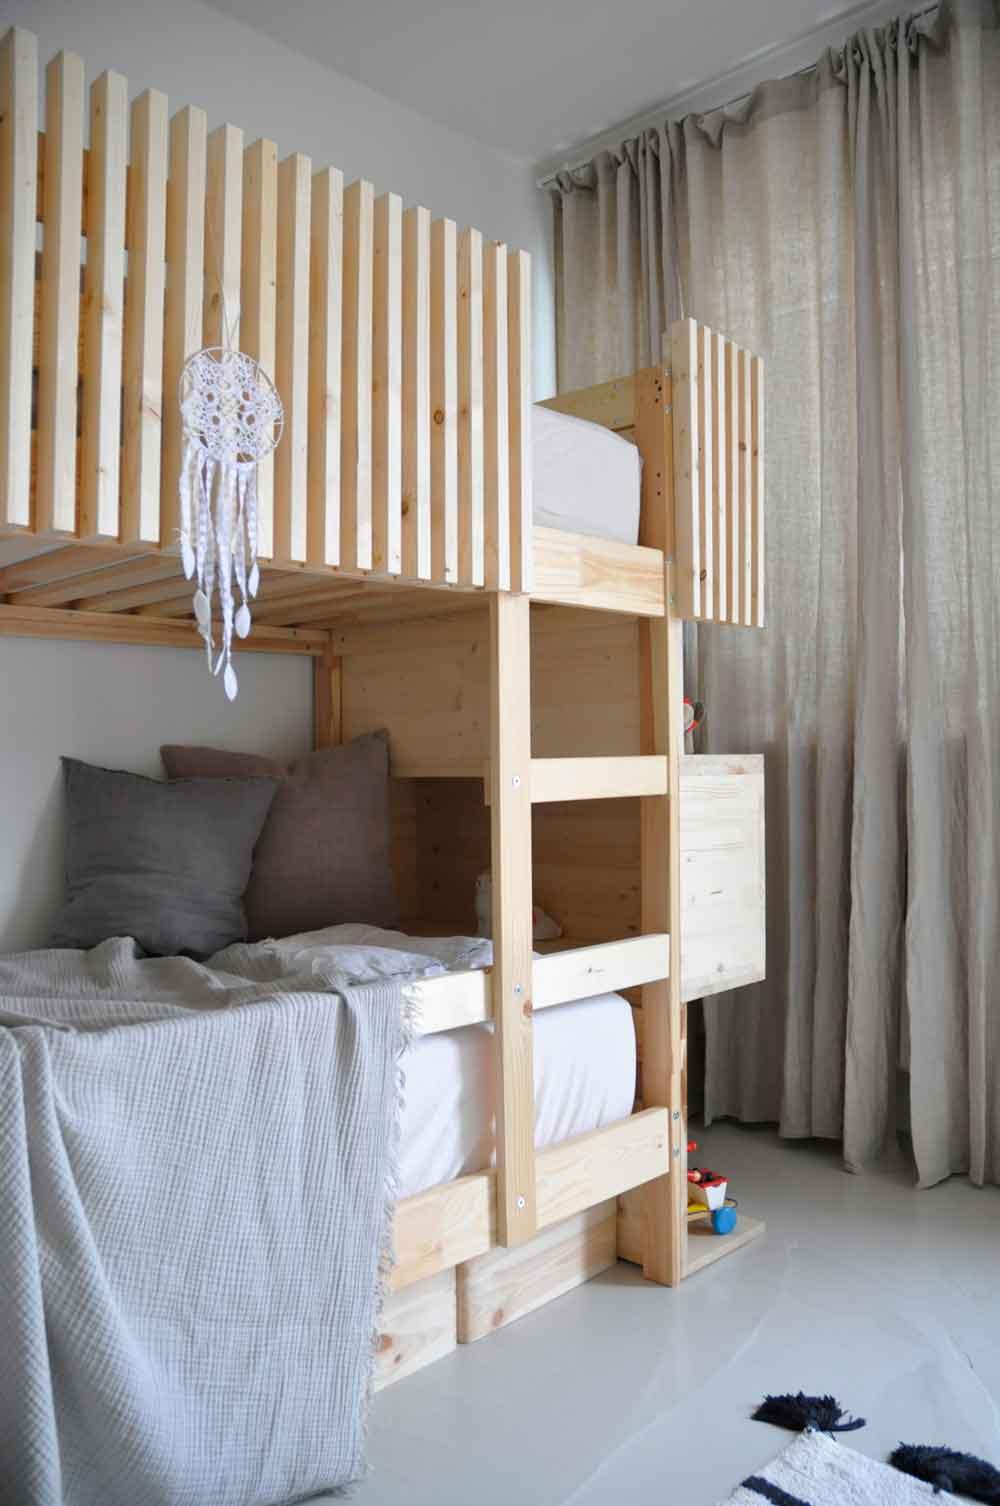 Kinderzimmer Stockbett Holzbett Traumfaenger Anleitung - DIY | ein Stockbett aus Holz einfach selber machen